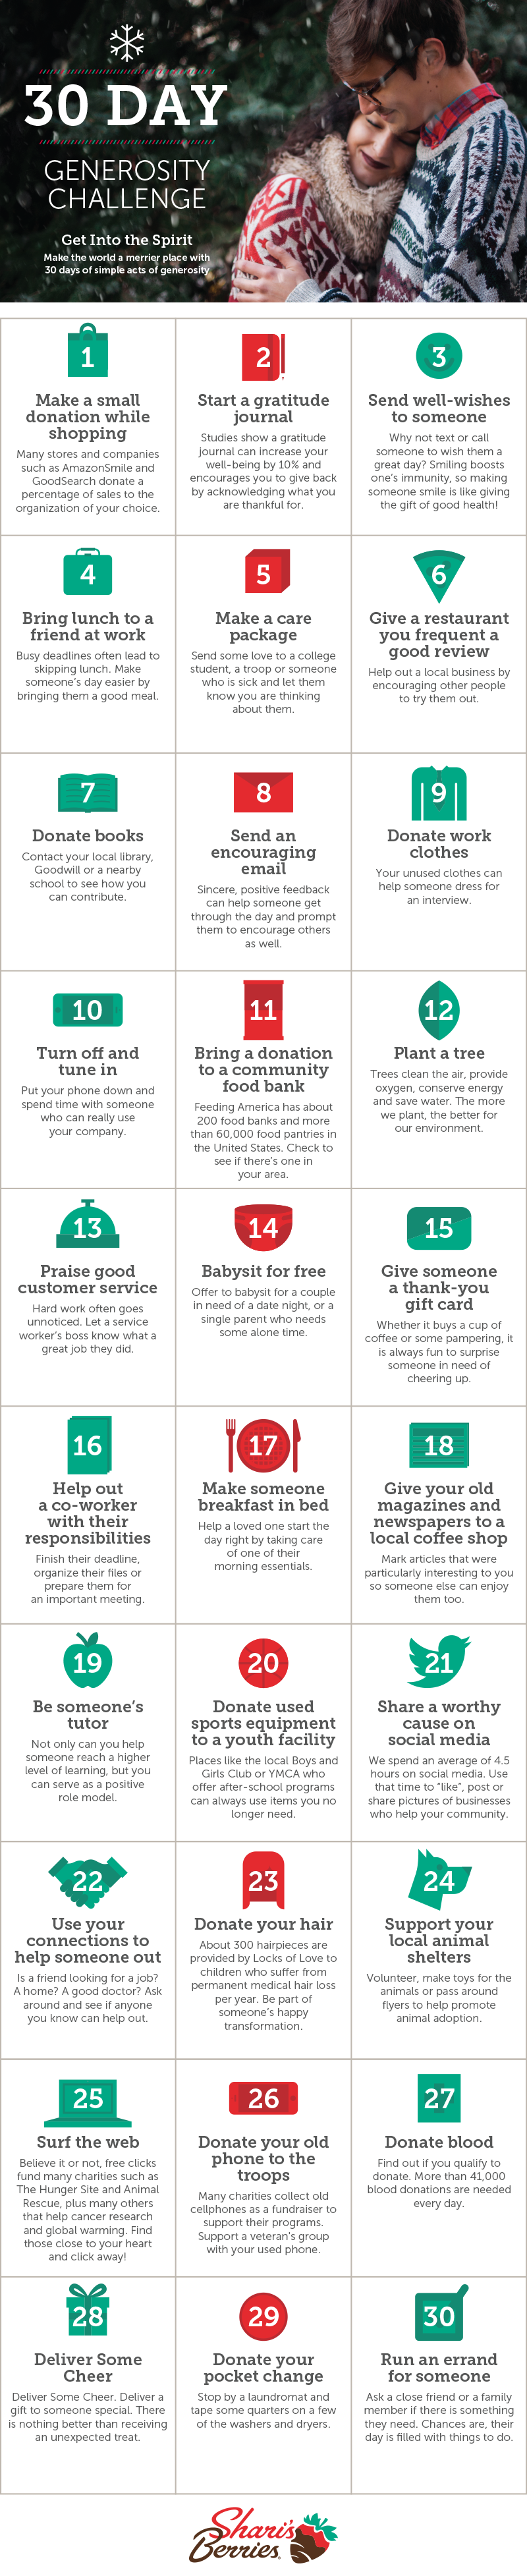 30-Day-Generosity-Holidays-Shari's Berries